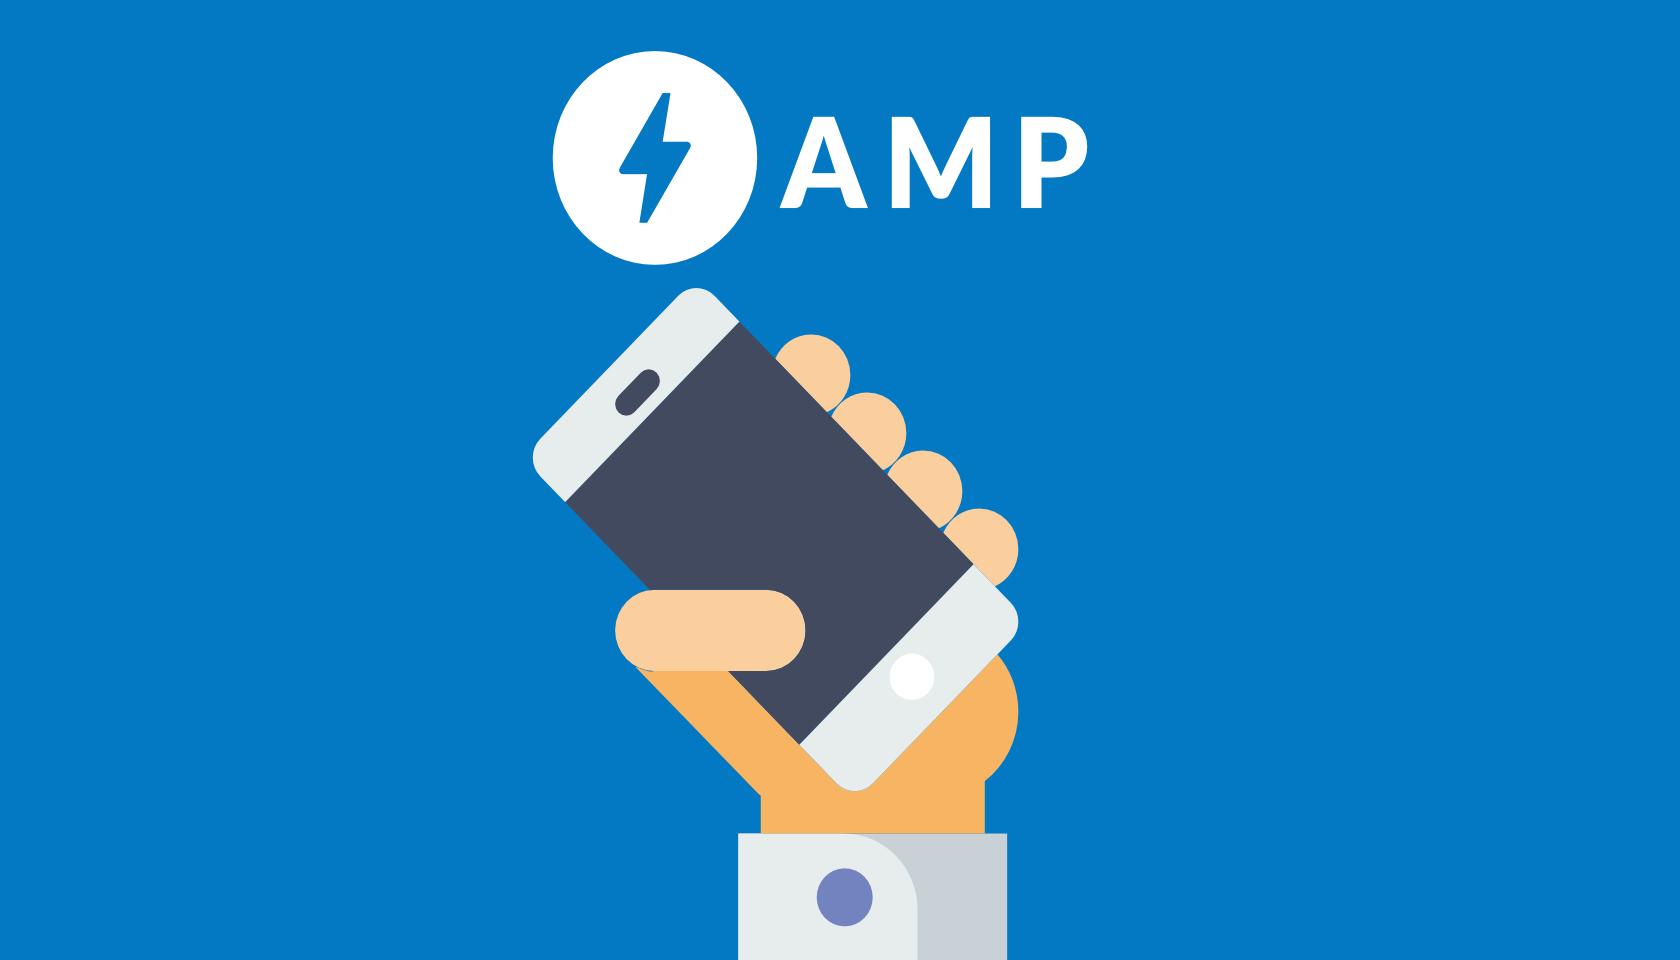 Amp (Hızlandırılmış Mobil Sayfa) Nedir?